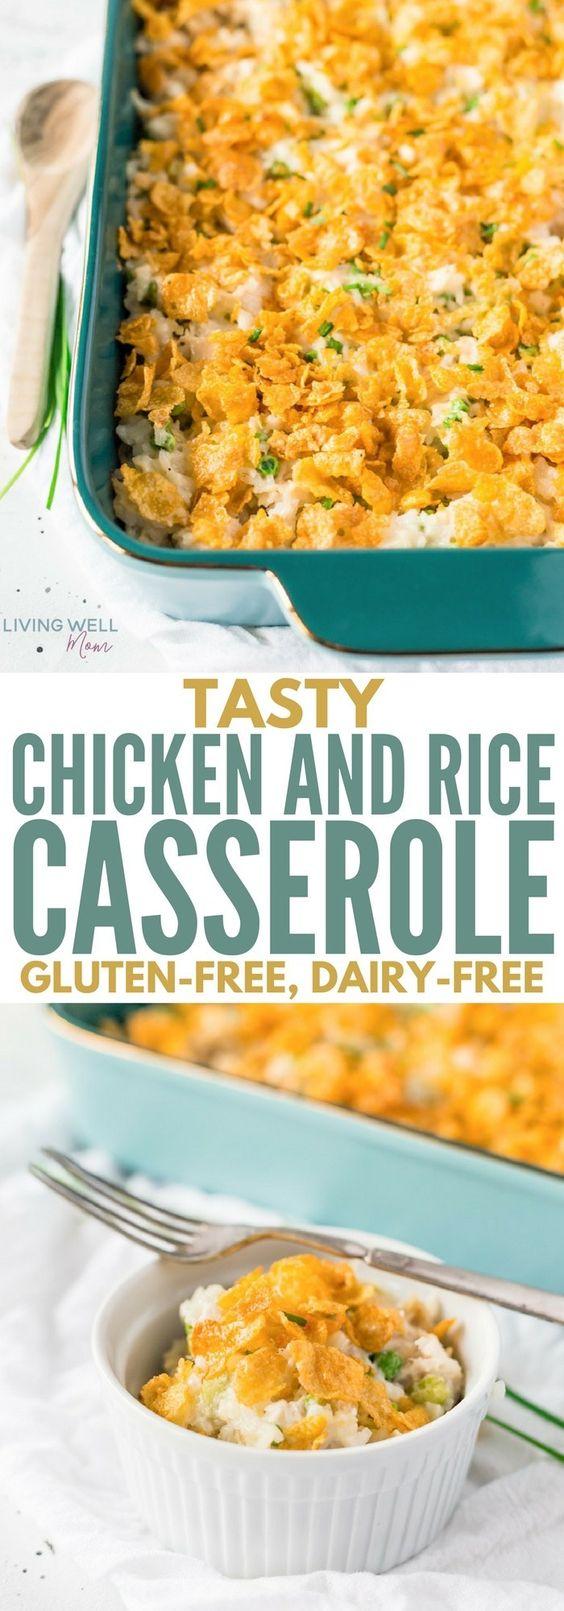 Tasty Chicken and Rice Casserole (Gluten-Free, Dairy-Free)